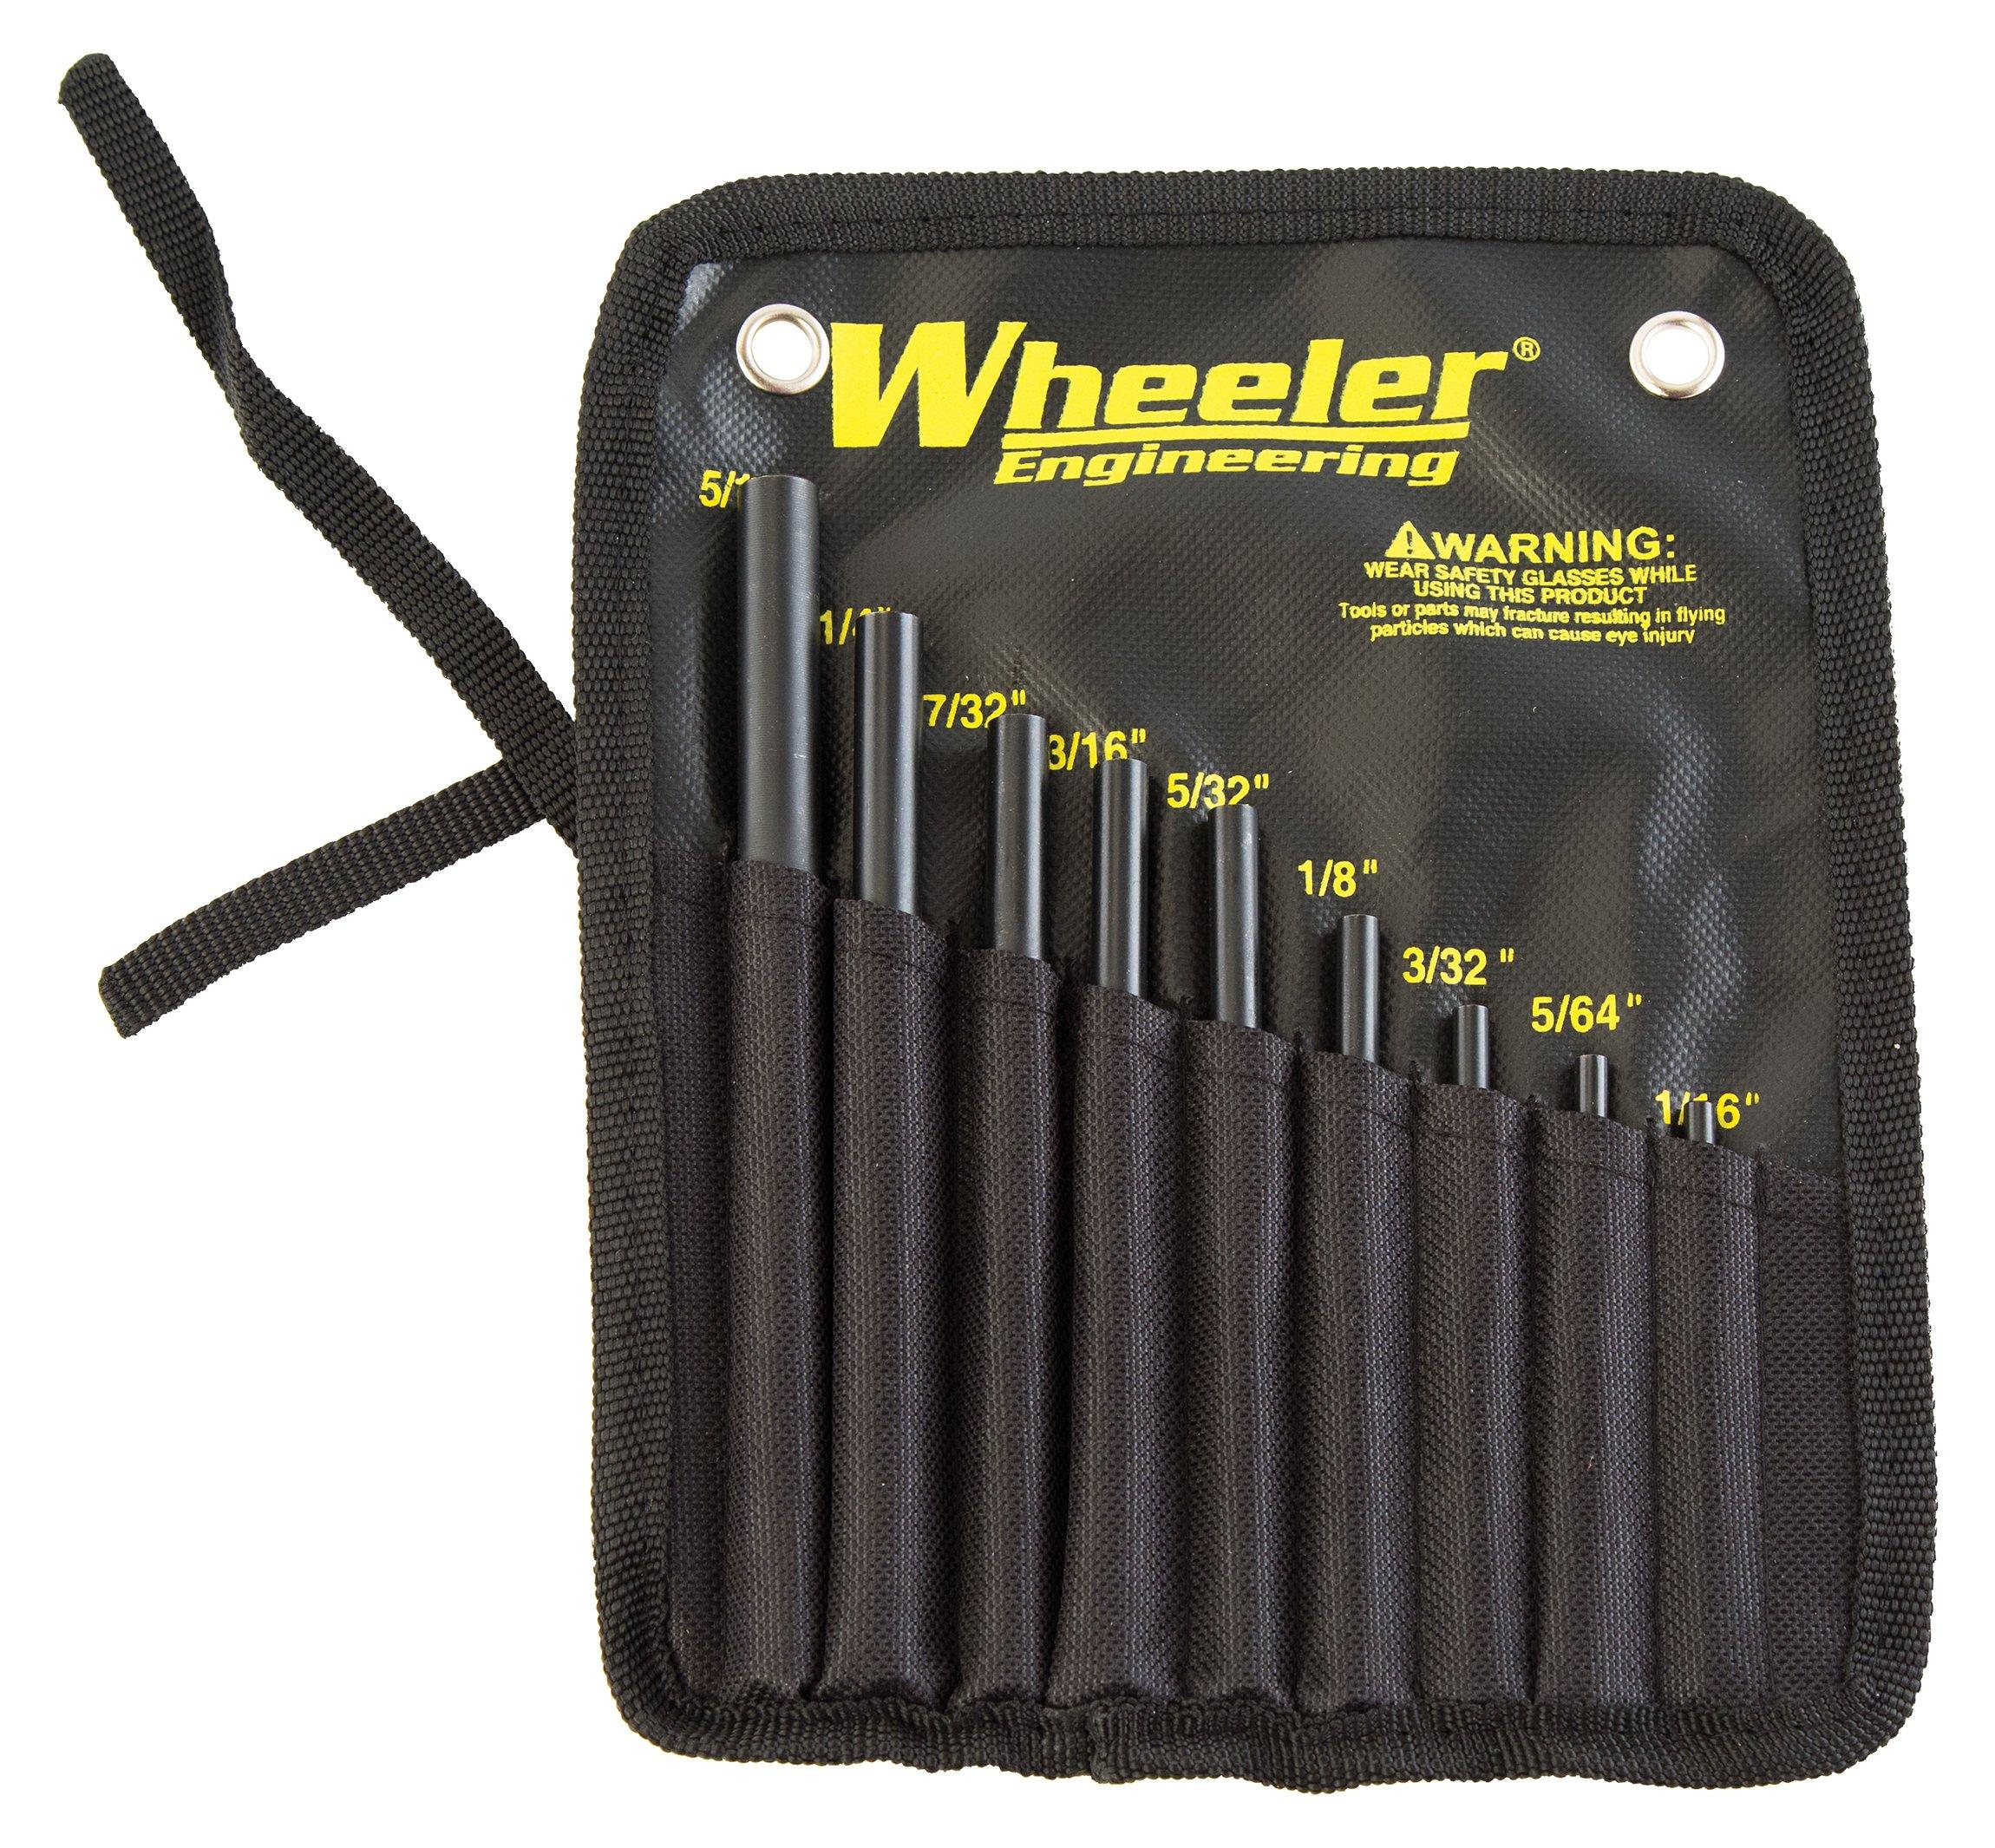 Wheeler Engineering Roll Pin Starter Punch Set by Wheeler (Image #1)